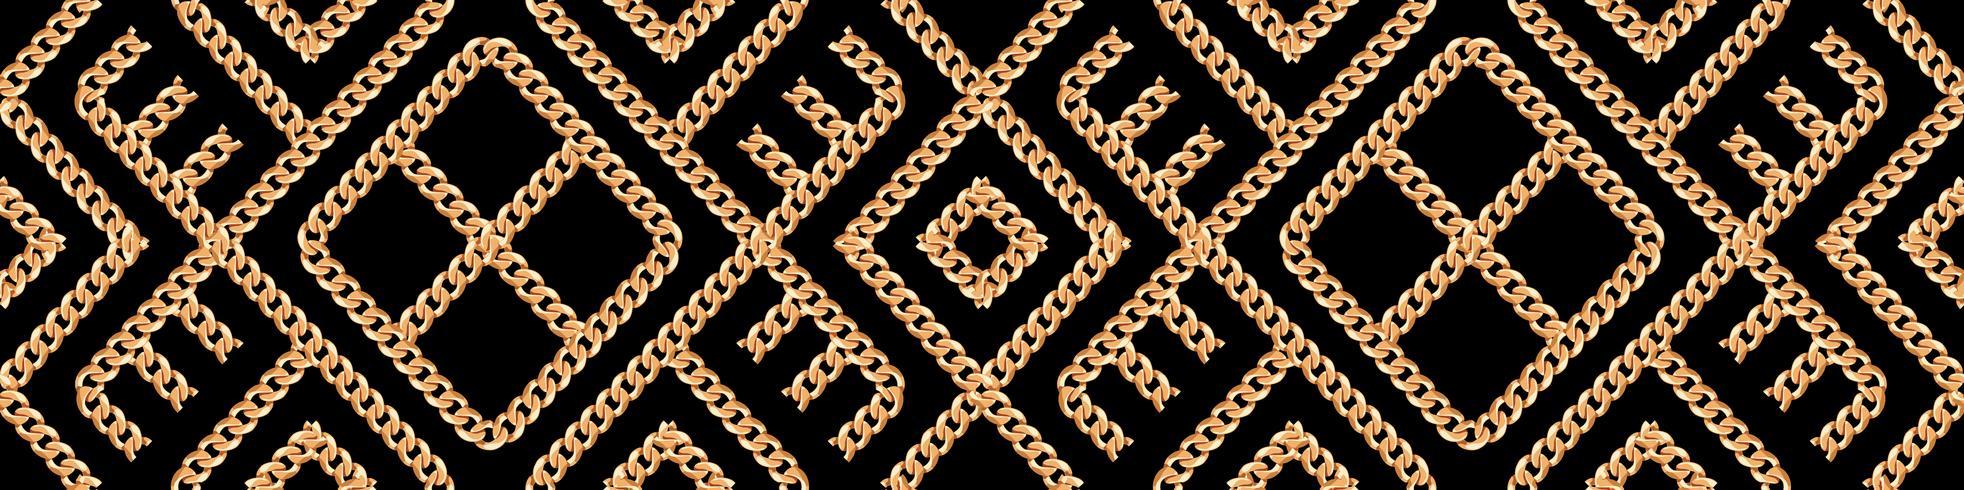 Nahtloses Muster der geometrischen Verzierung der Goldkette auf schwarzem Hintergrund. Vektor-Illustration